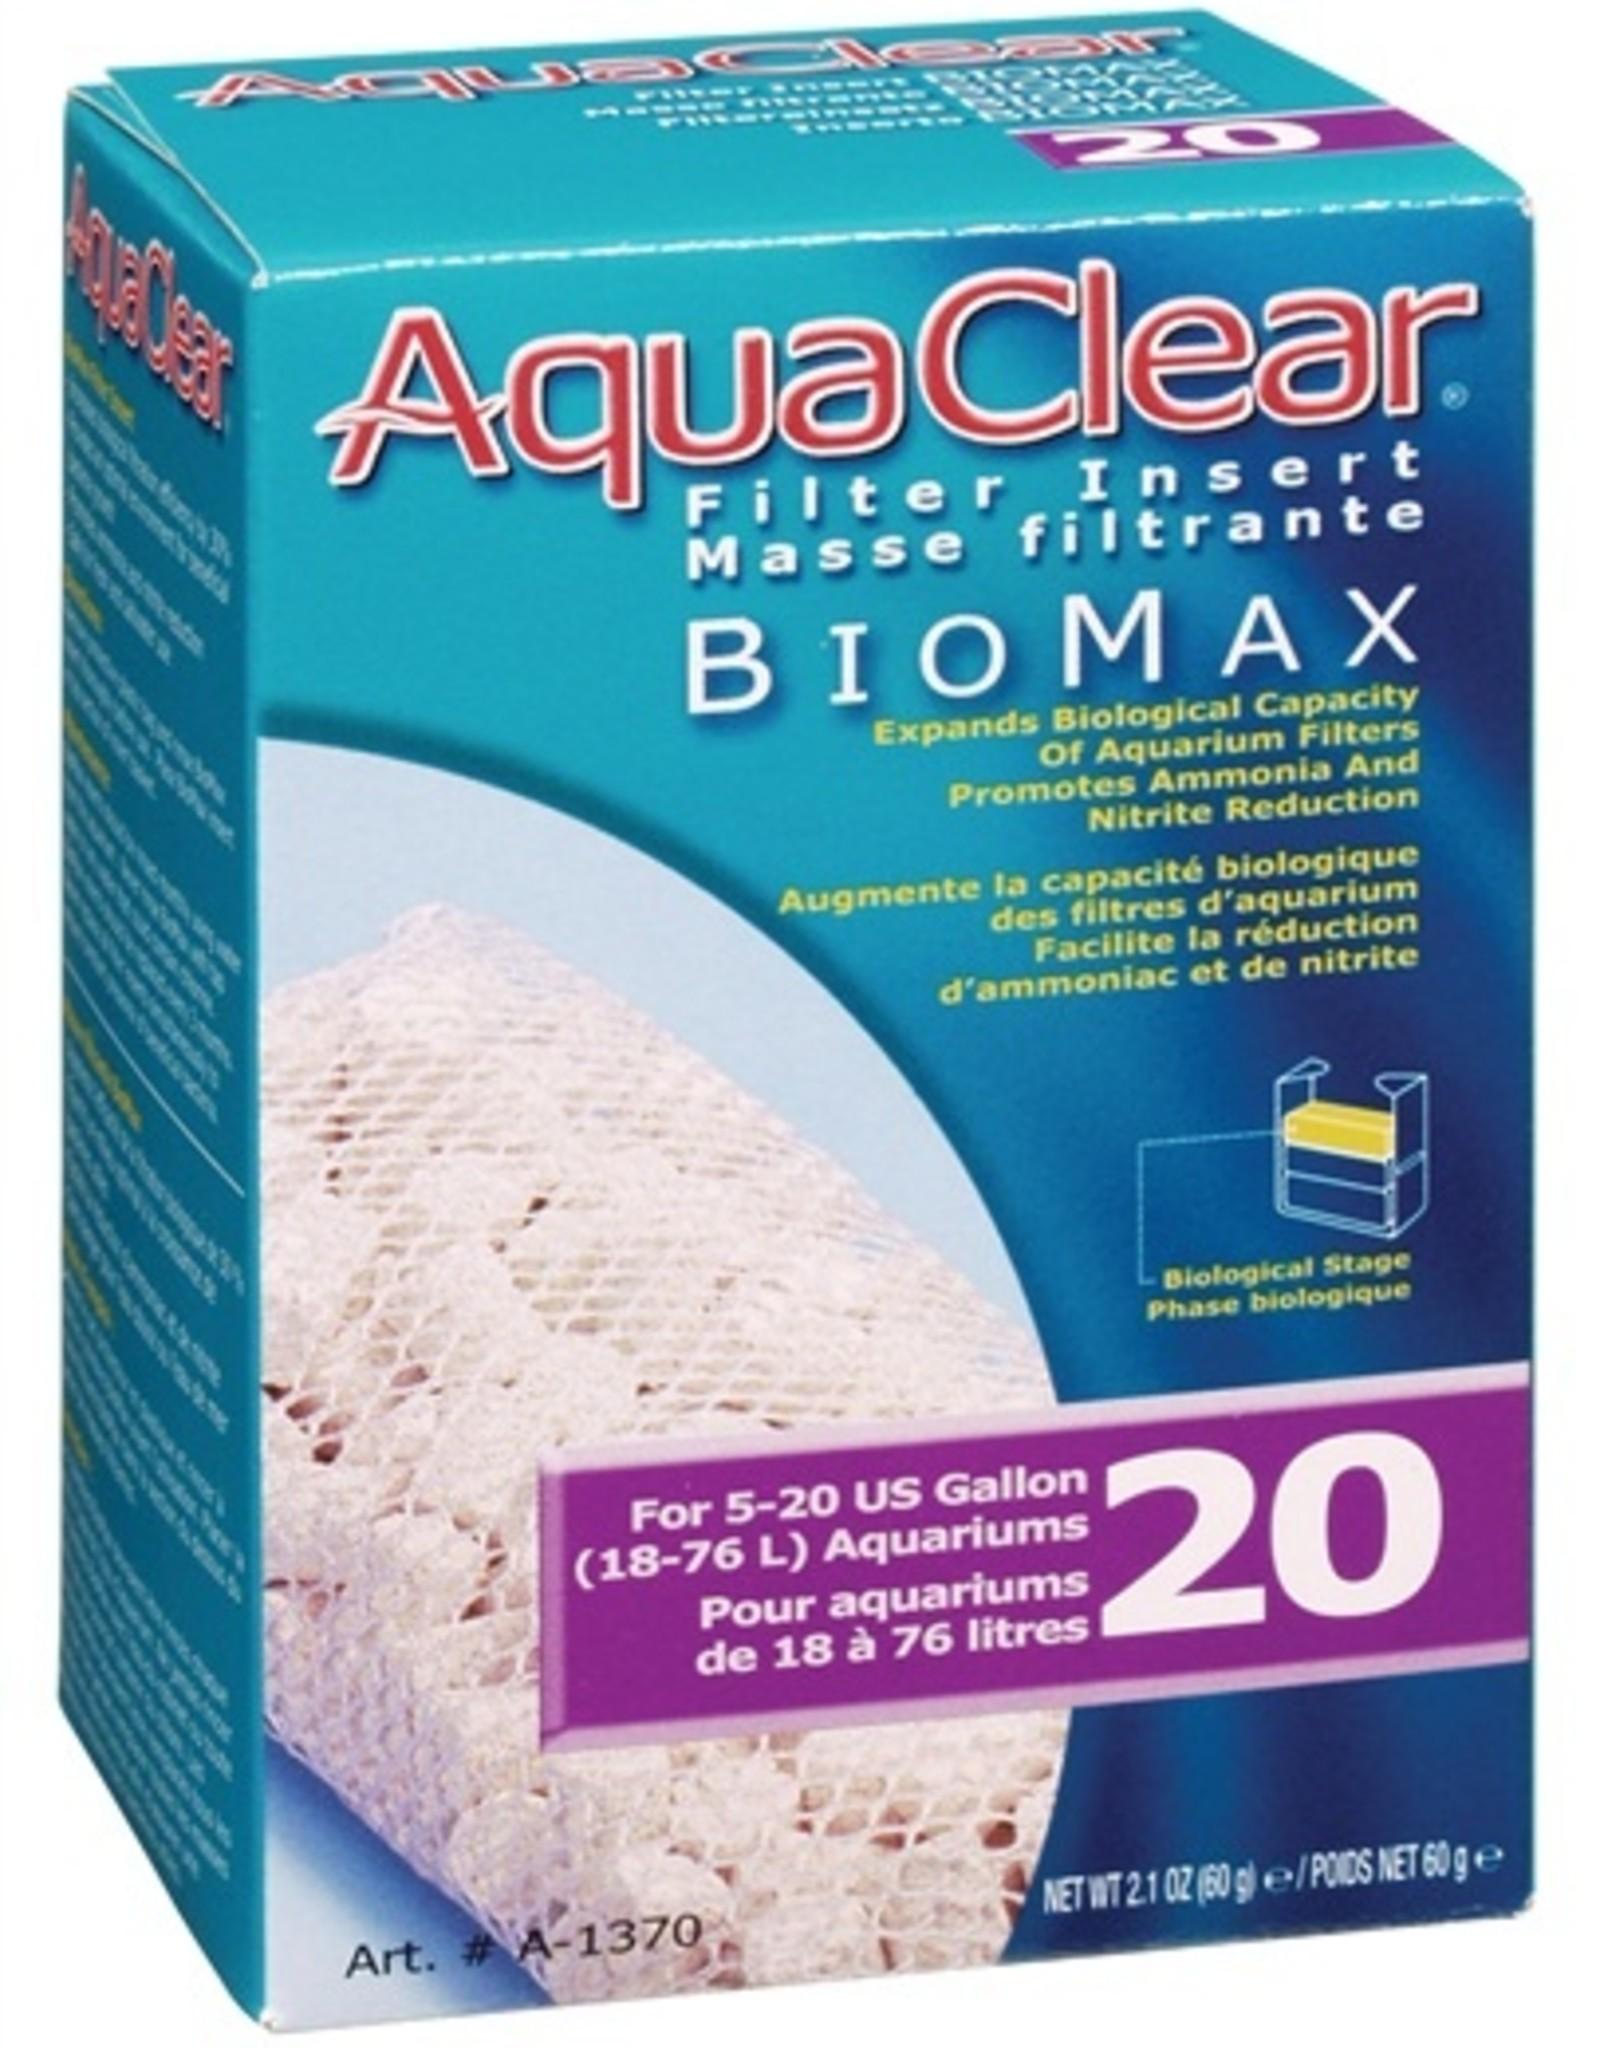 HAGEN AQUA CLEAR 20 BIOMAX